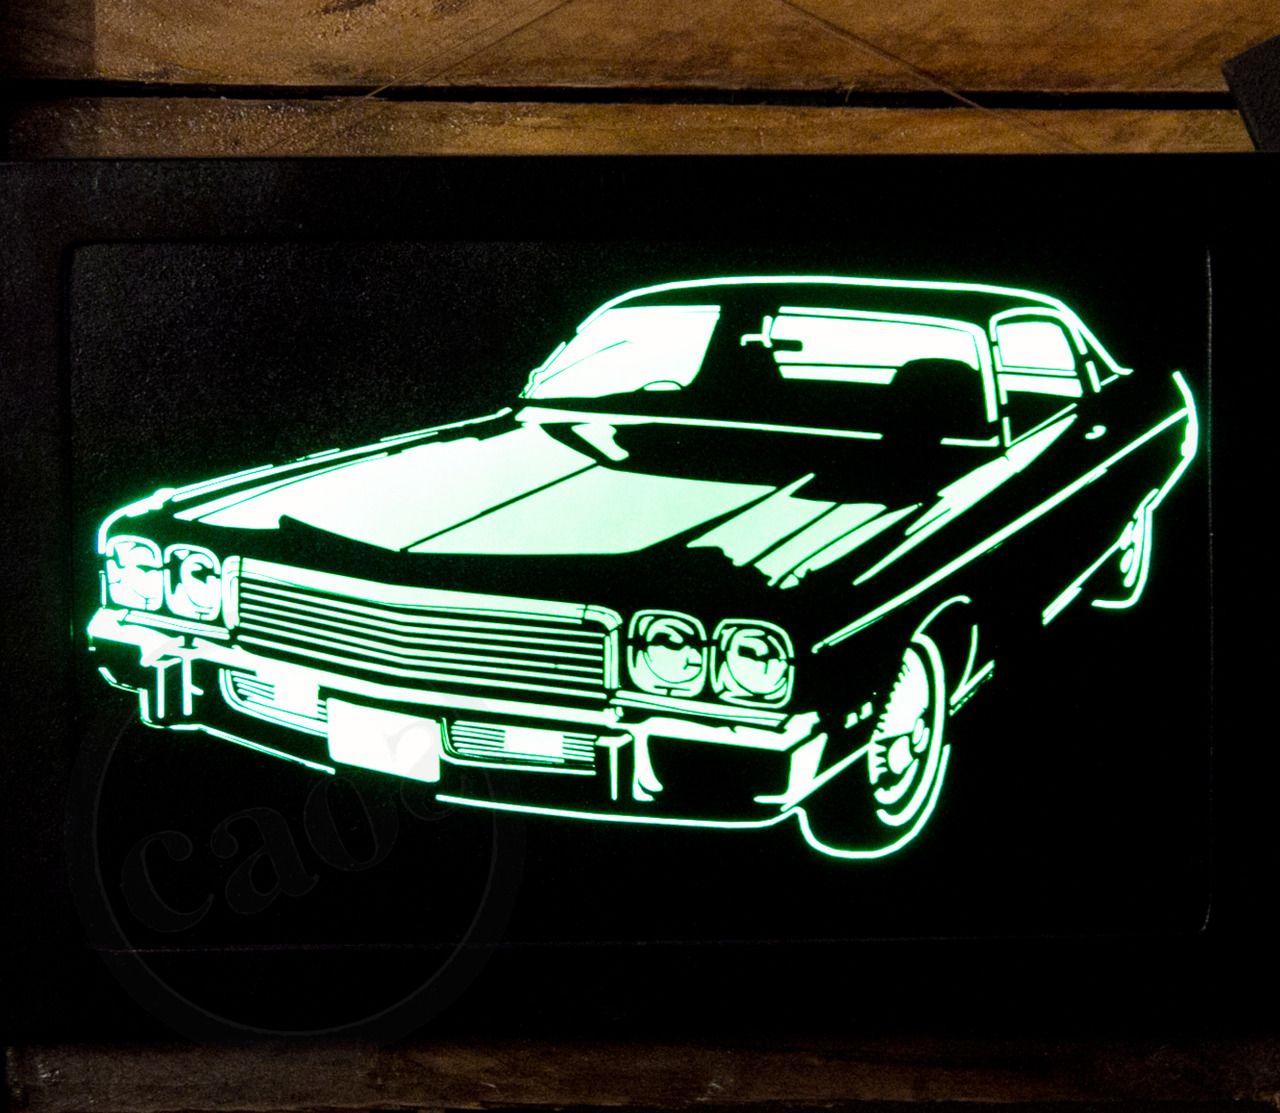 Quadros #Luminosos MM Leds. Diversos desenhos (carros antigos ...